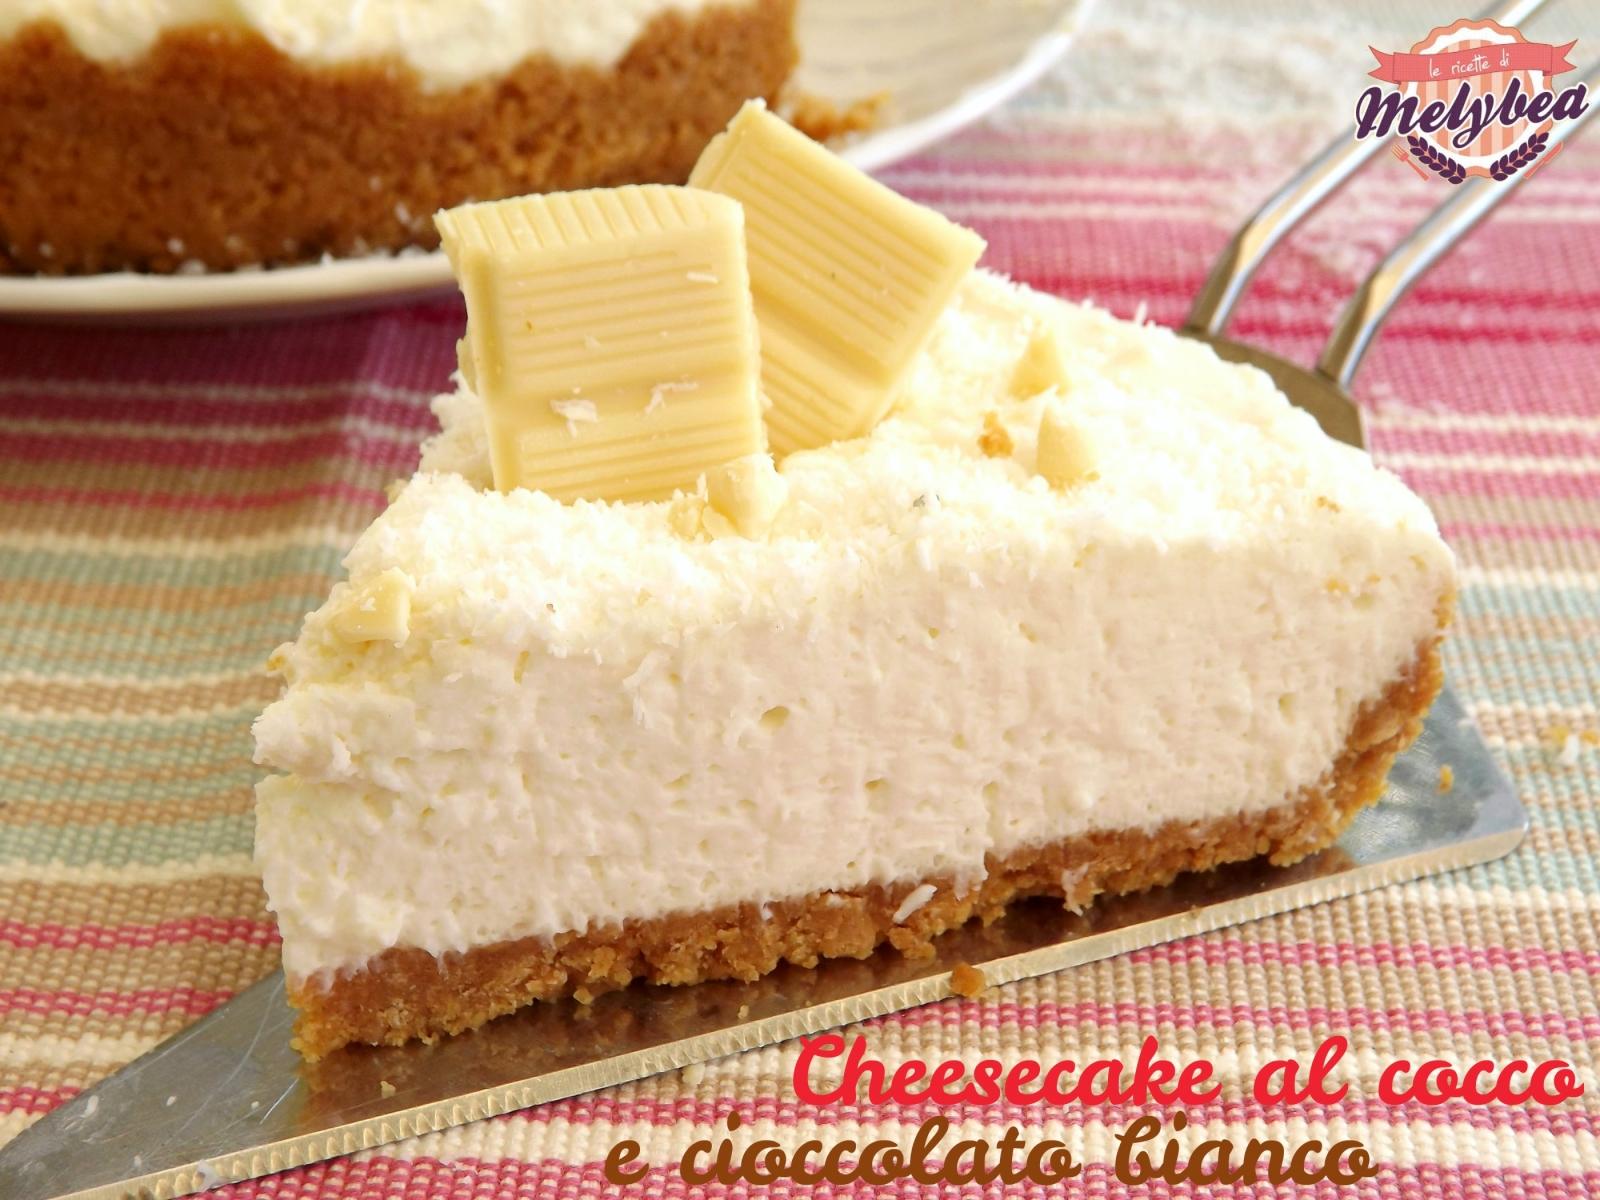 Famoso Cheesecake al cocco e cioccolato bianco - Le ricette di Melybea IU16